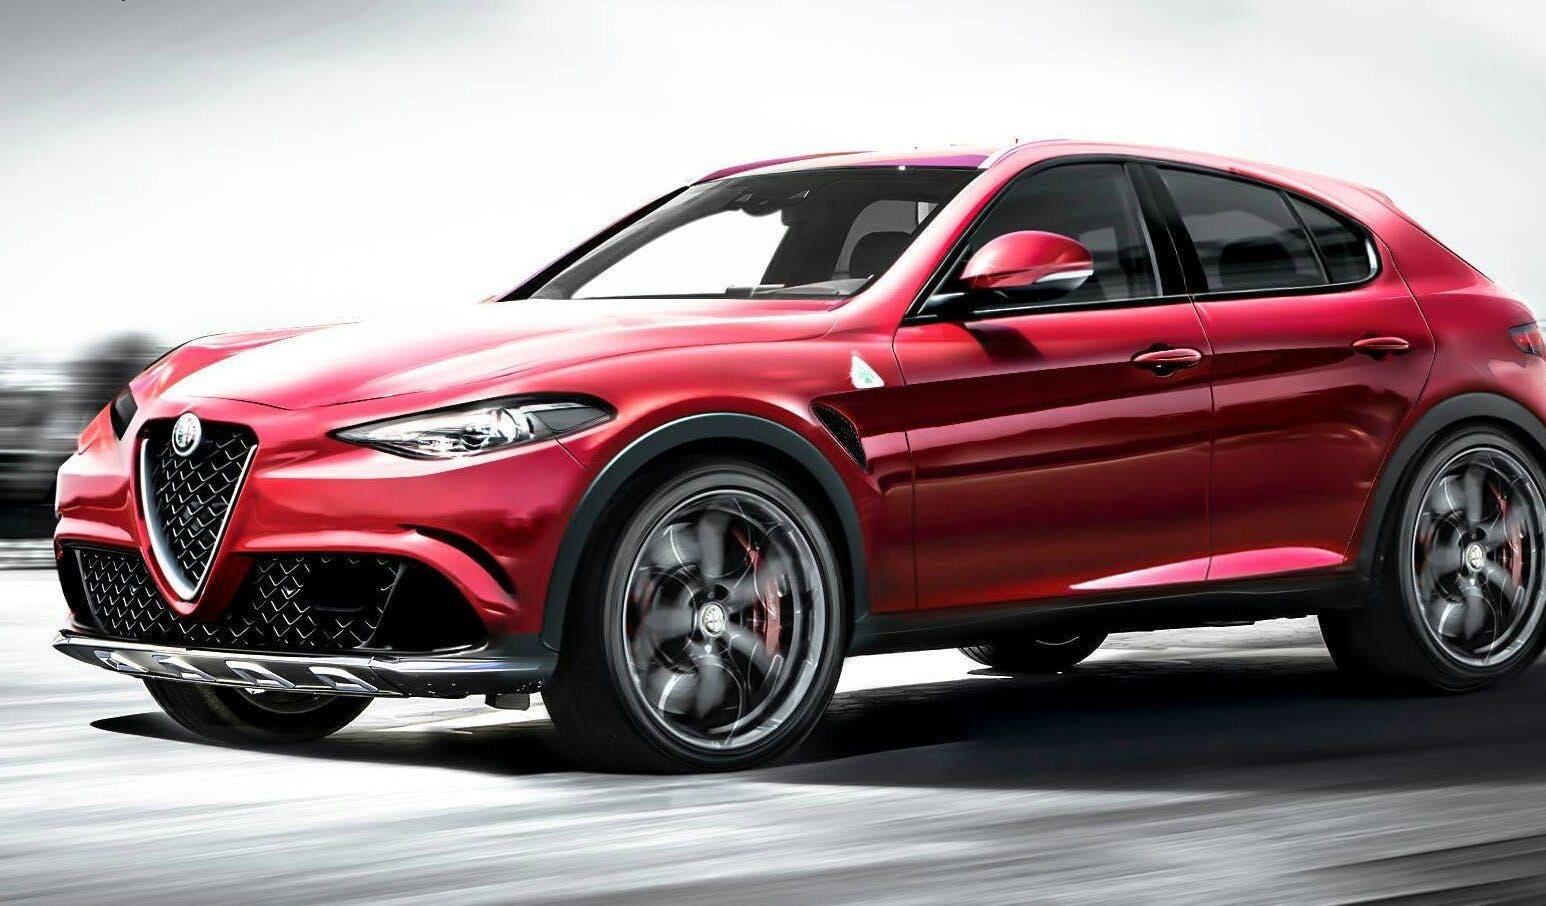 Alfa Romeo Stelvio sarà il nome del nuovo D-SUV in arrivo a fine 2016